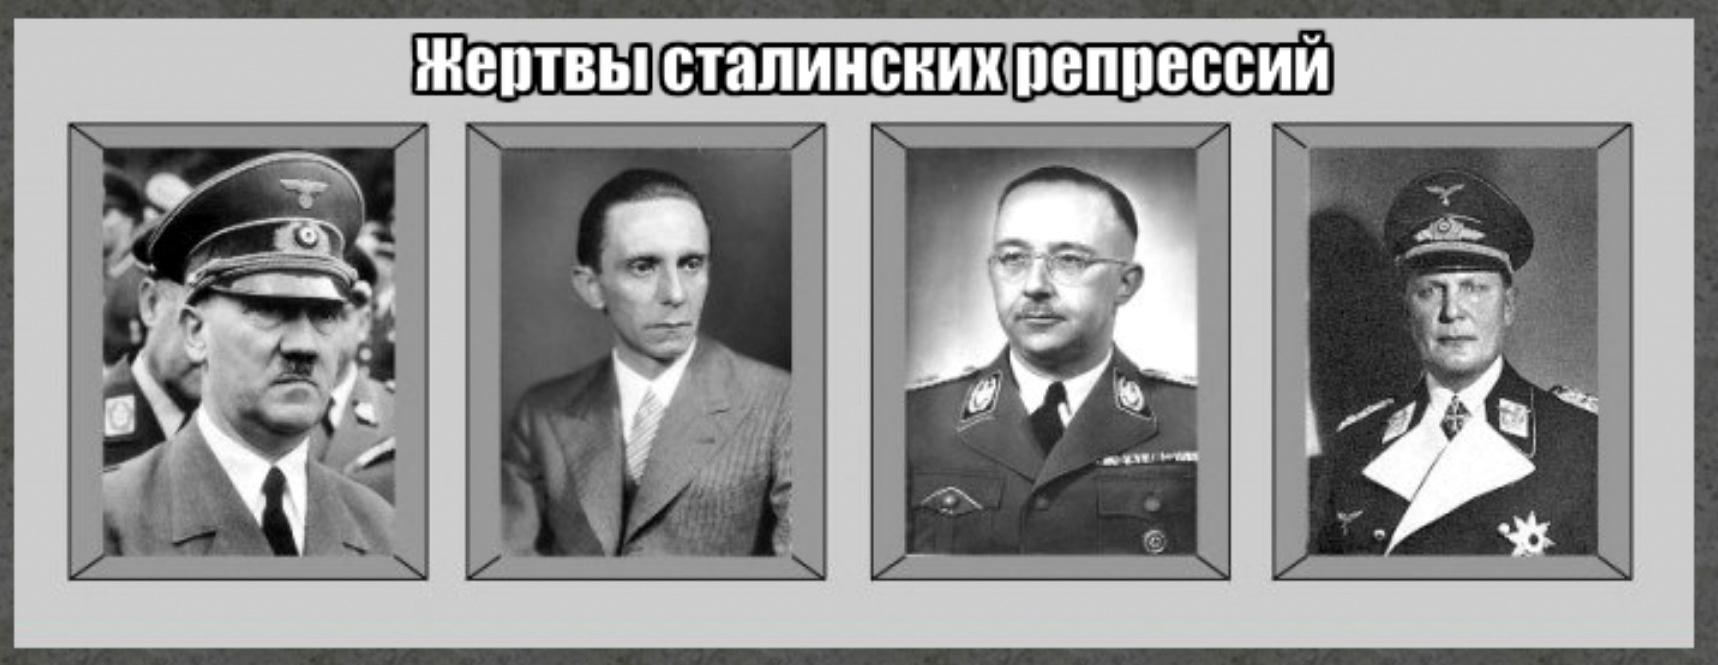 gitlerovtsy-zhertvy-repressii